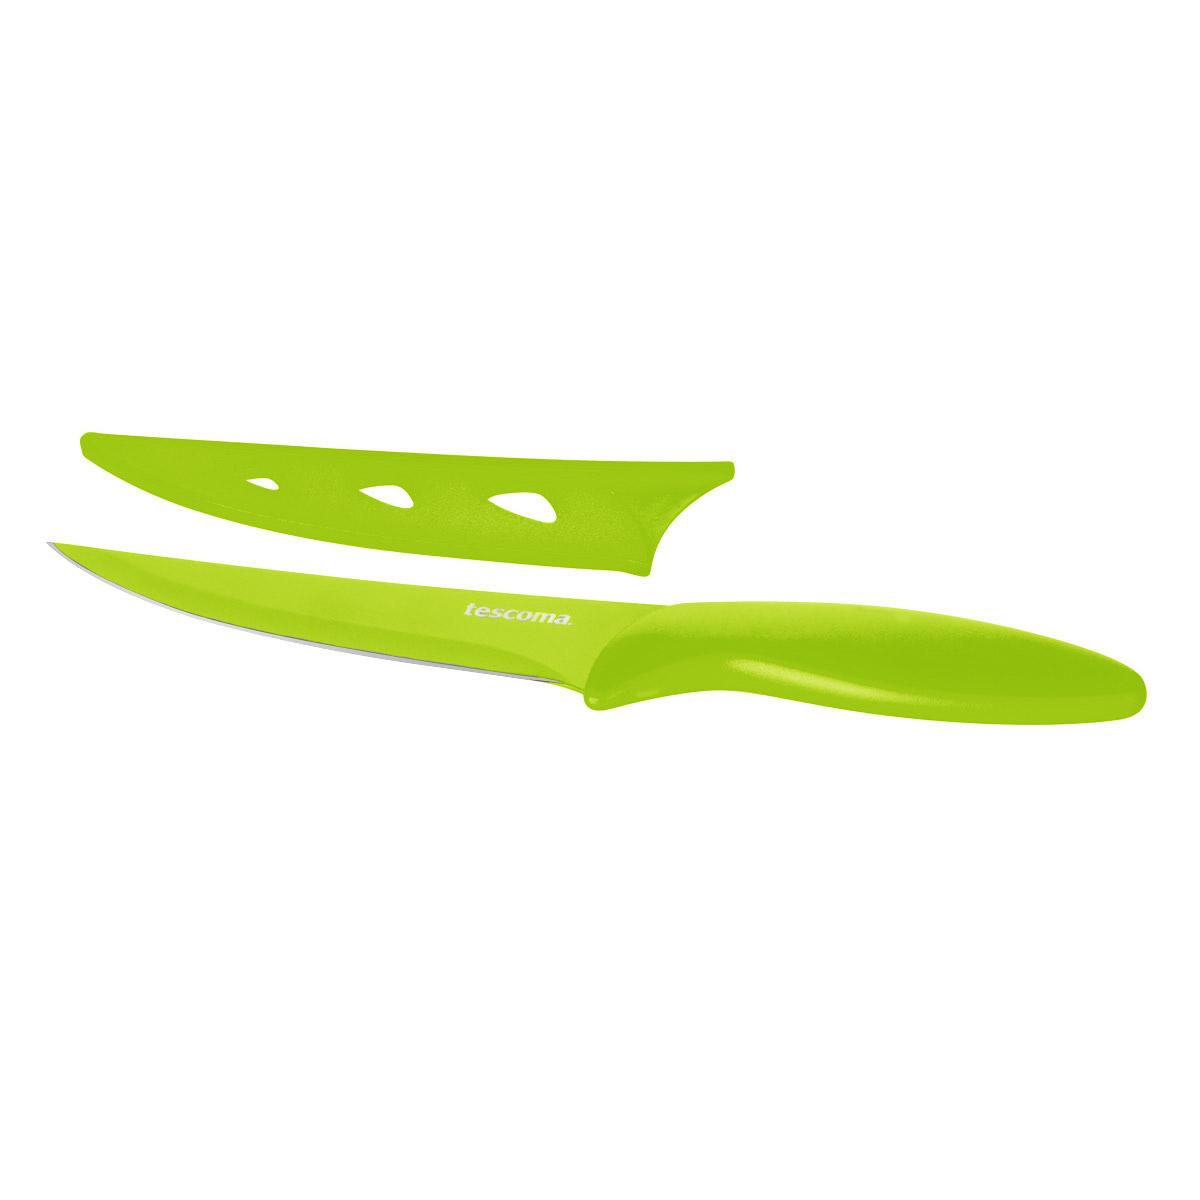 Antiadhezní nůž univerzální PRESTO TONE 12 cm